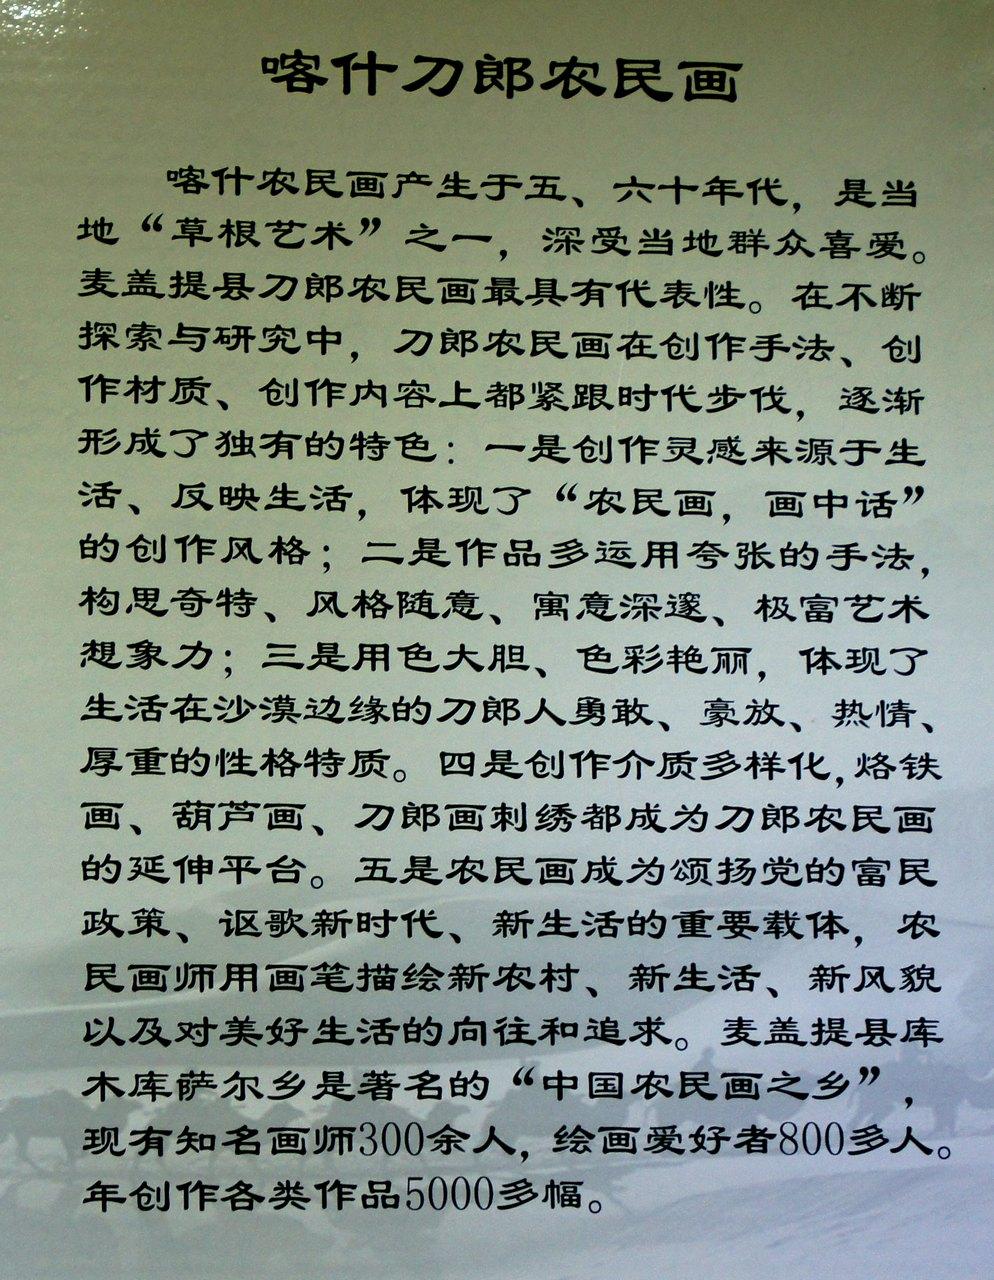 -刀郎农民画简介-27-1280.jpg